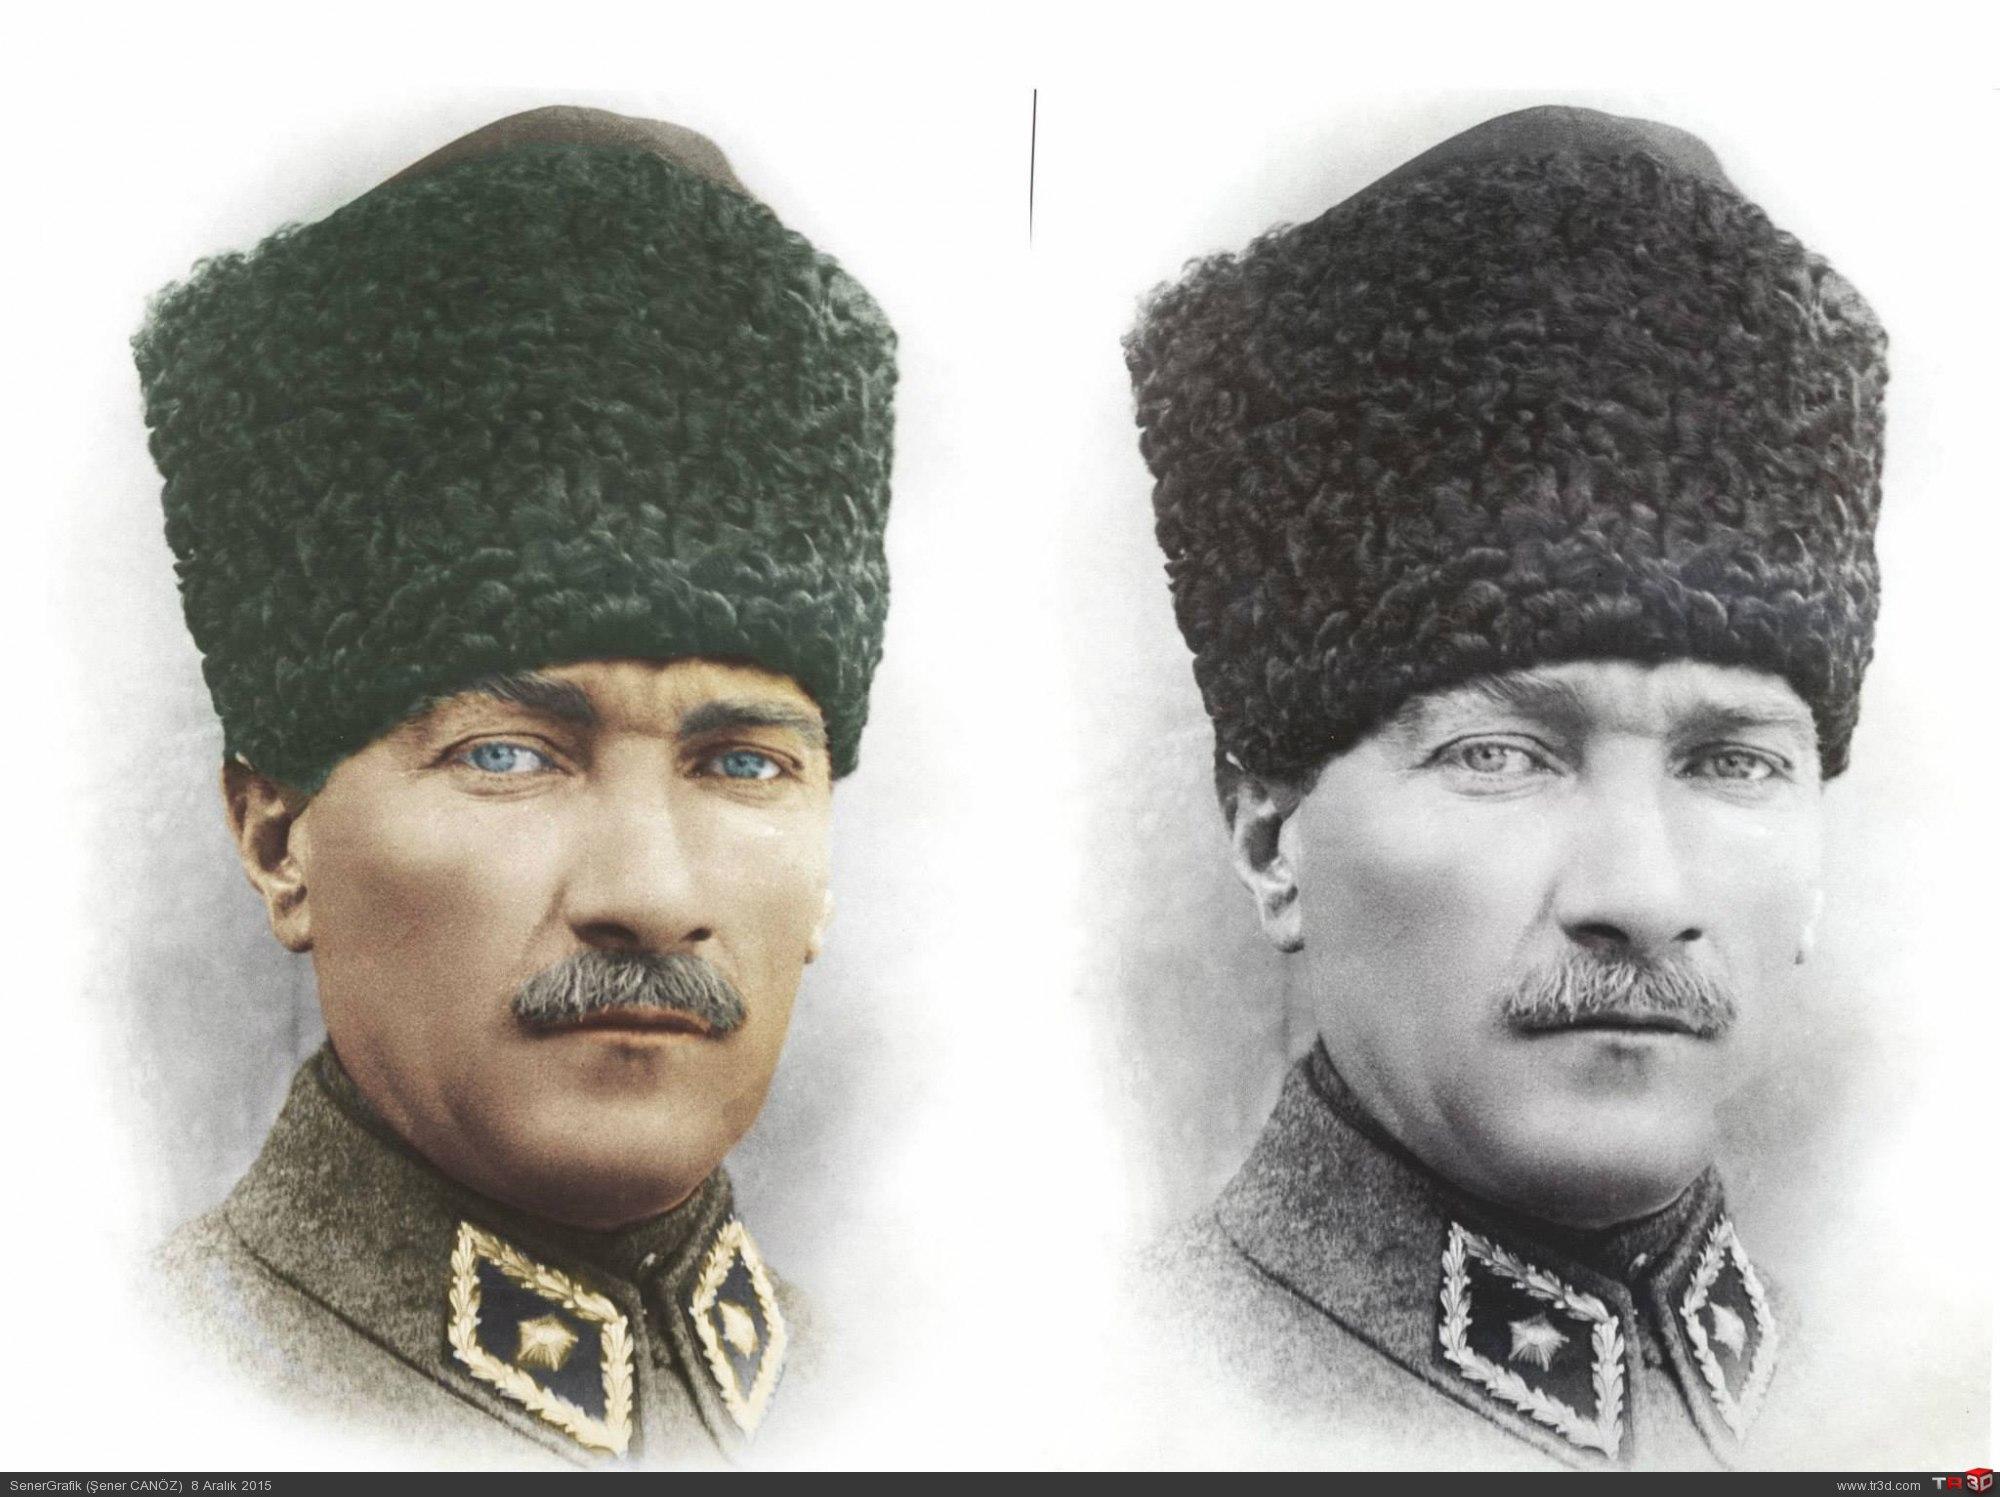 Atatürk Renklendirme Paylaşım